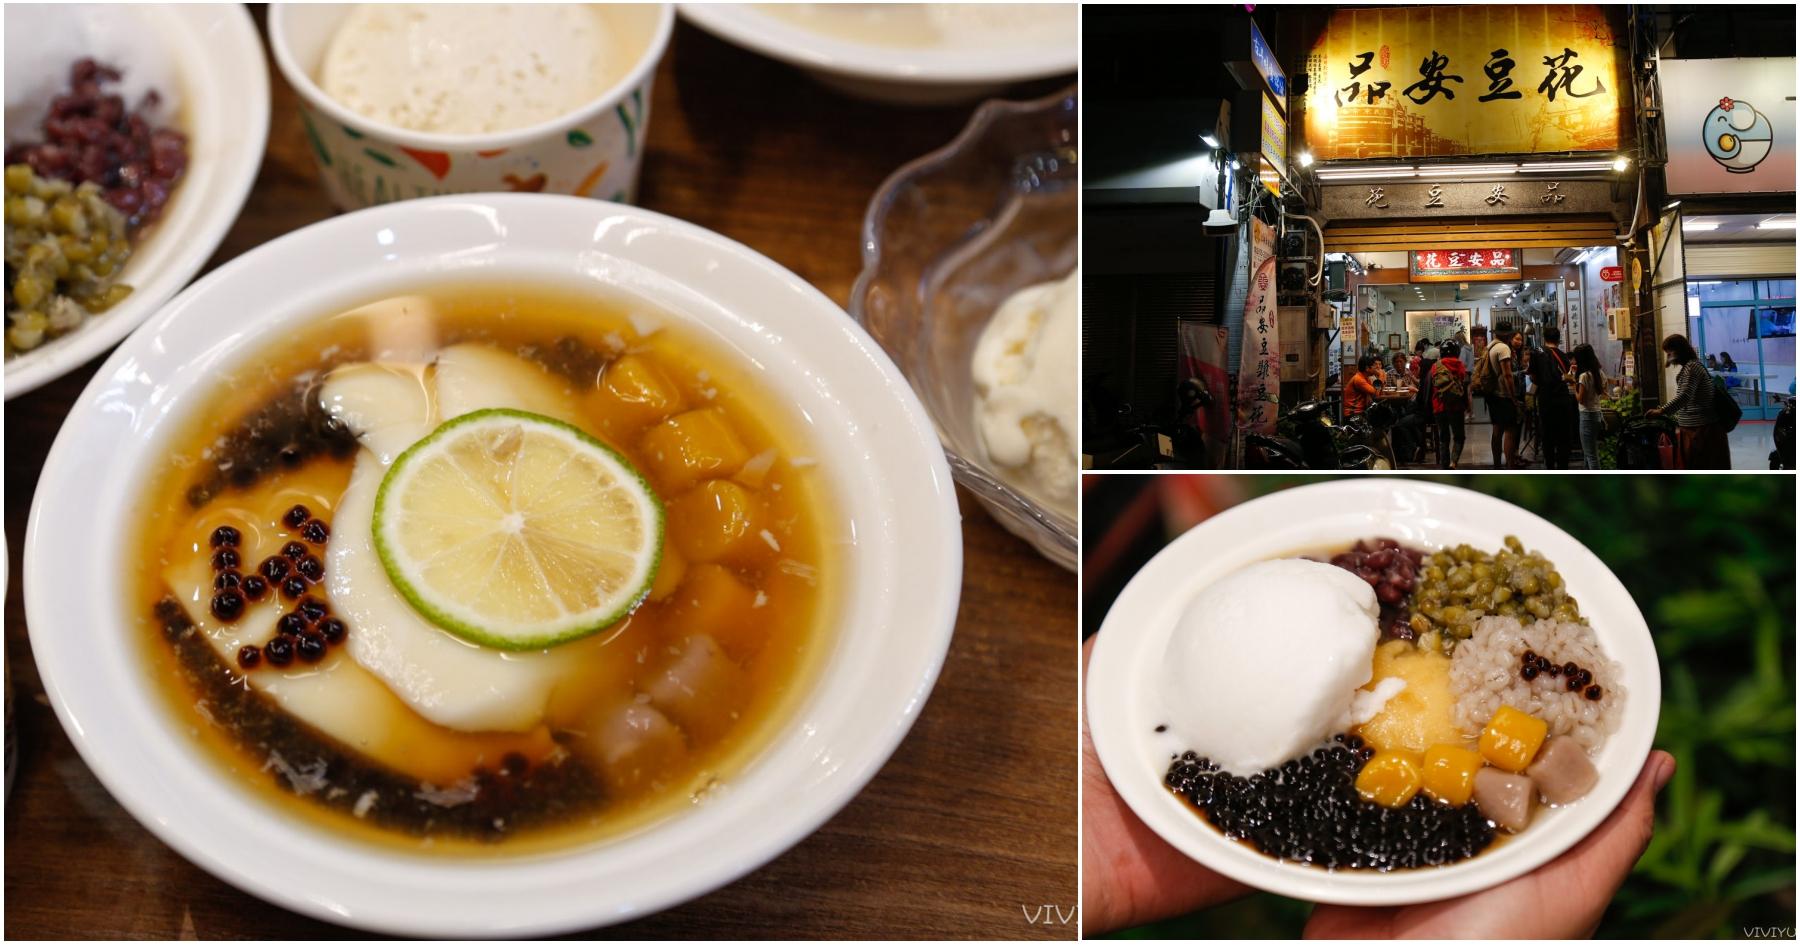 最新推播訊息:[嘉義美食]嘉義品安豆漿豆花|文化路夜市旁可內用/外帶的特色豆花~配料新鮮好吃.料好實在